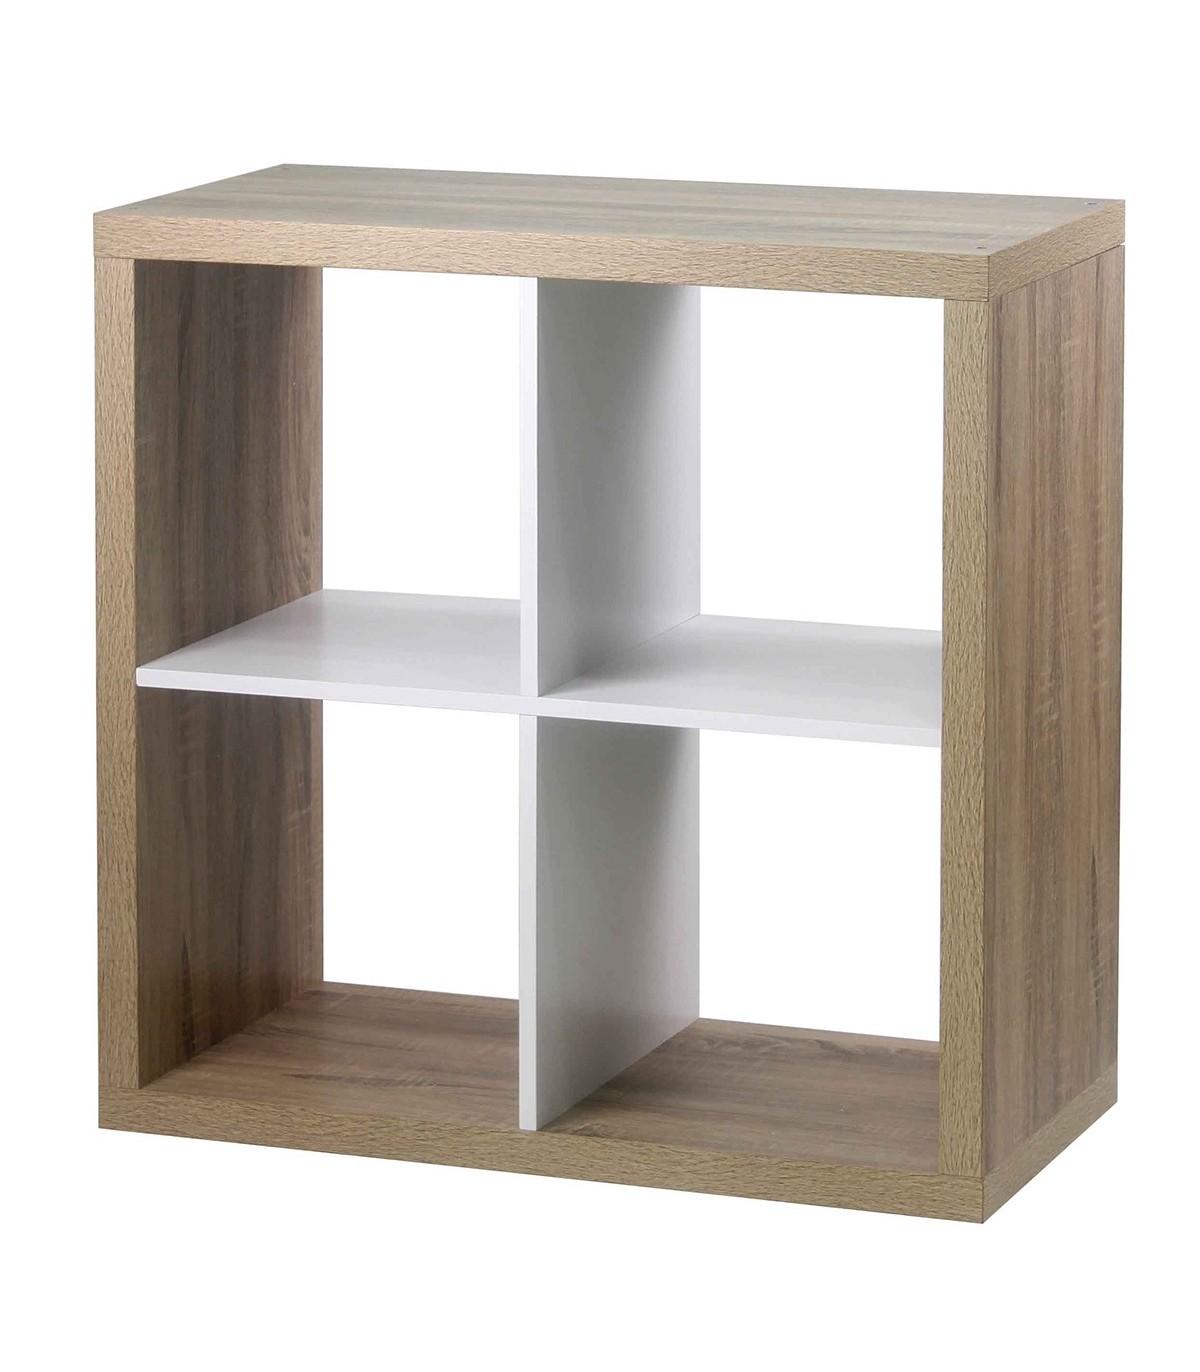 Bibliothèque 4 cases coloris chêne intérieur blanc